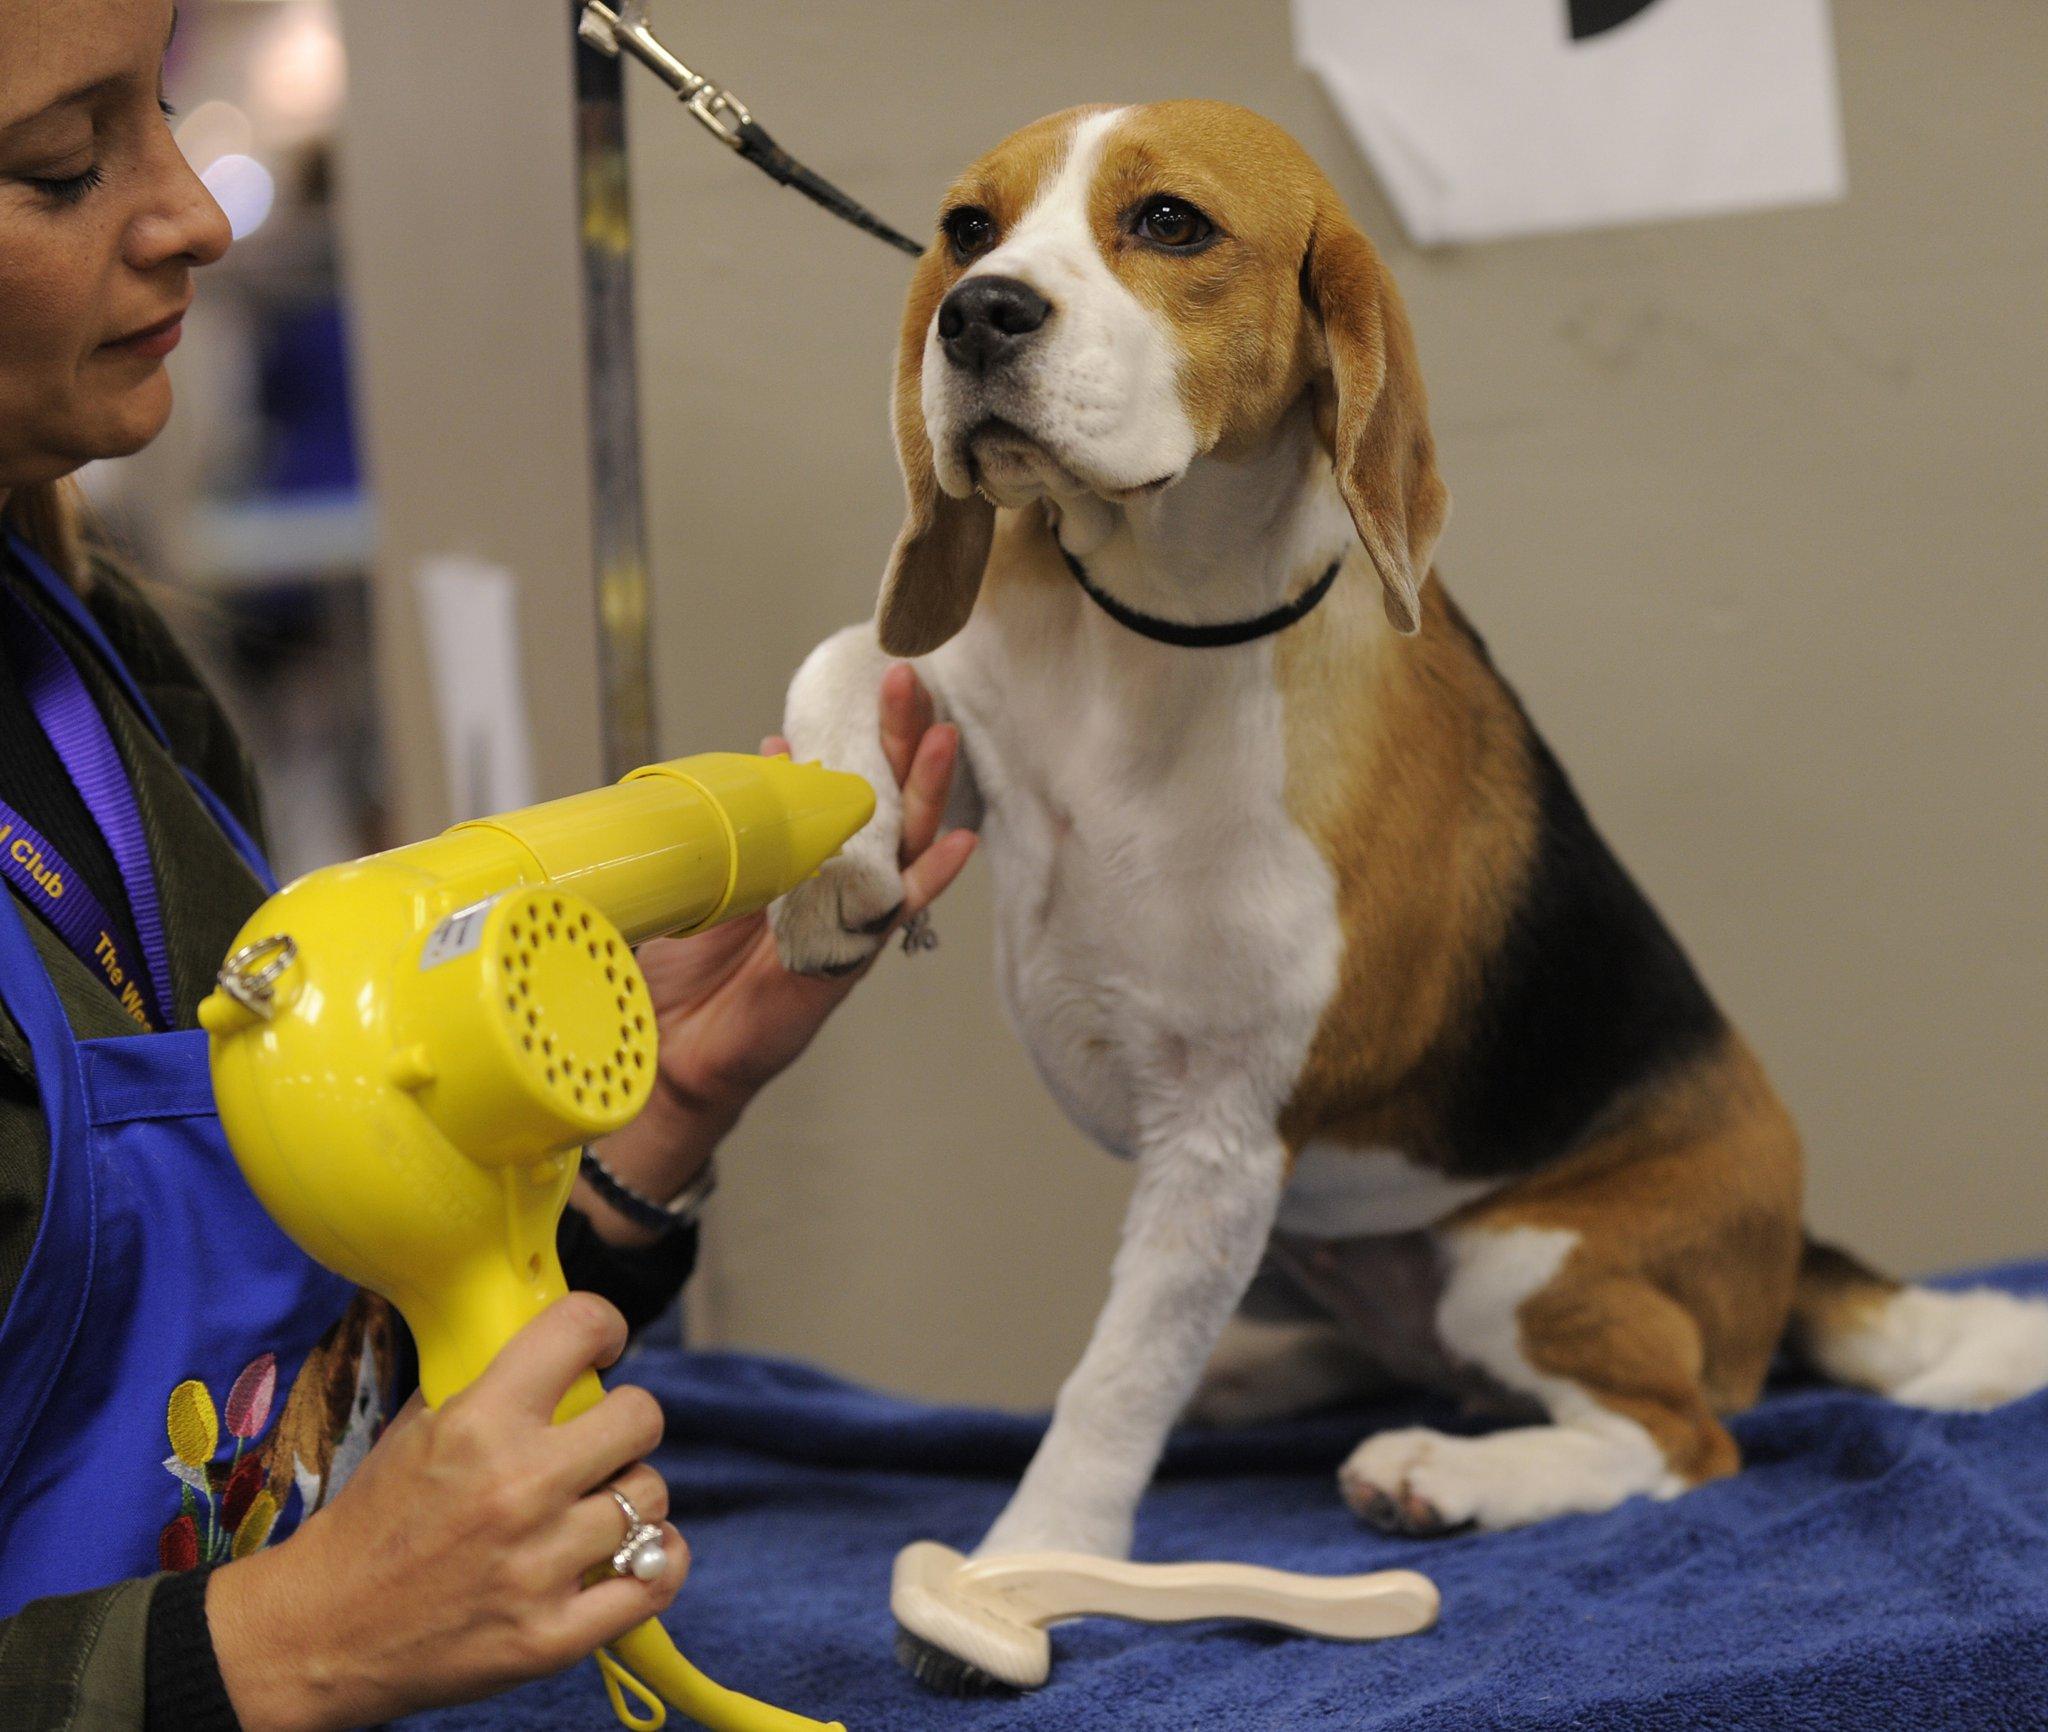 How to Groom a Beagle